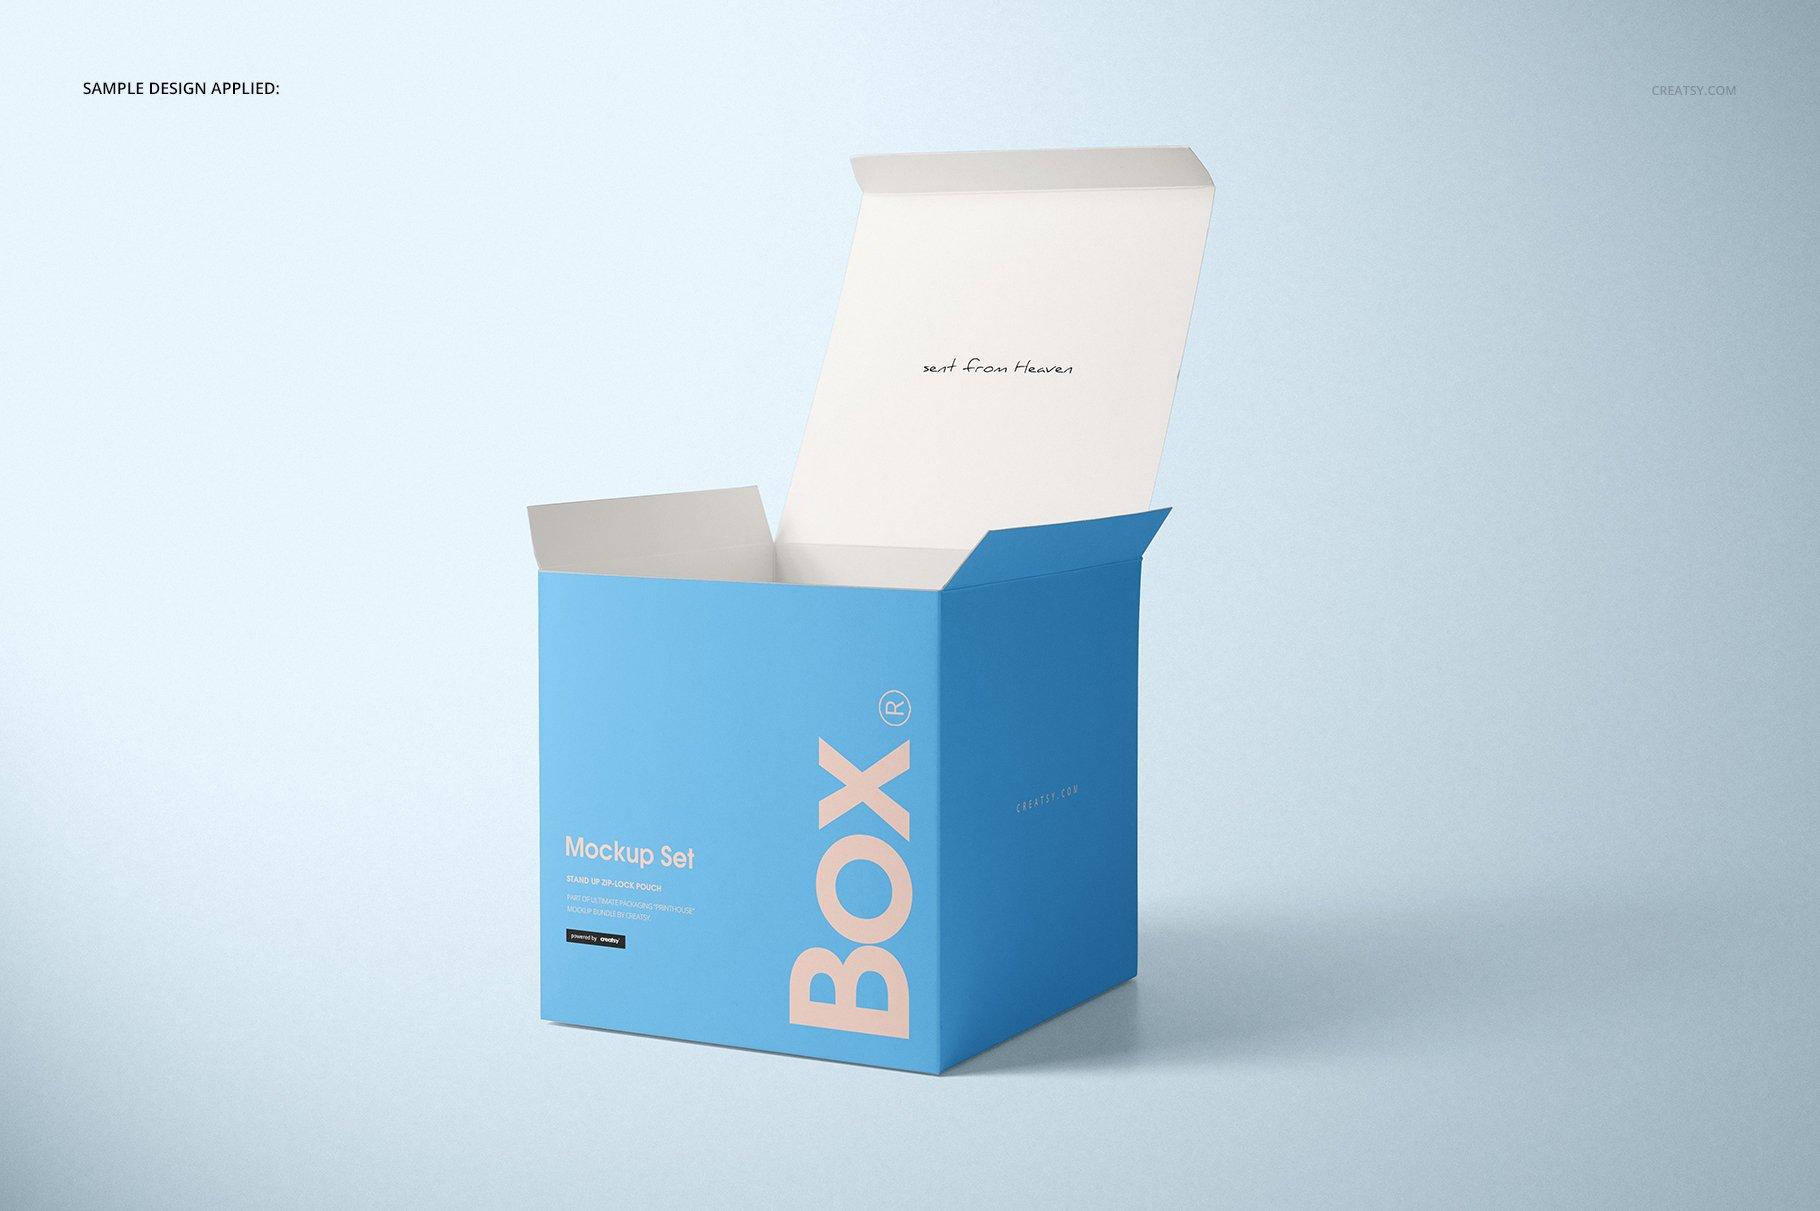 方形哑光产品礼品包装纸盒设计贴图样机套装 Matte Gift Square Box Mockup Set插图(3)